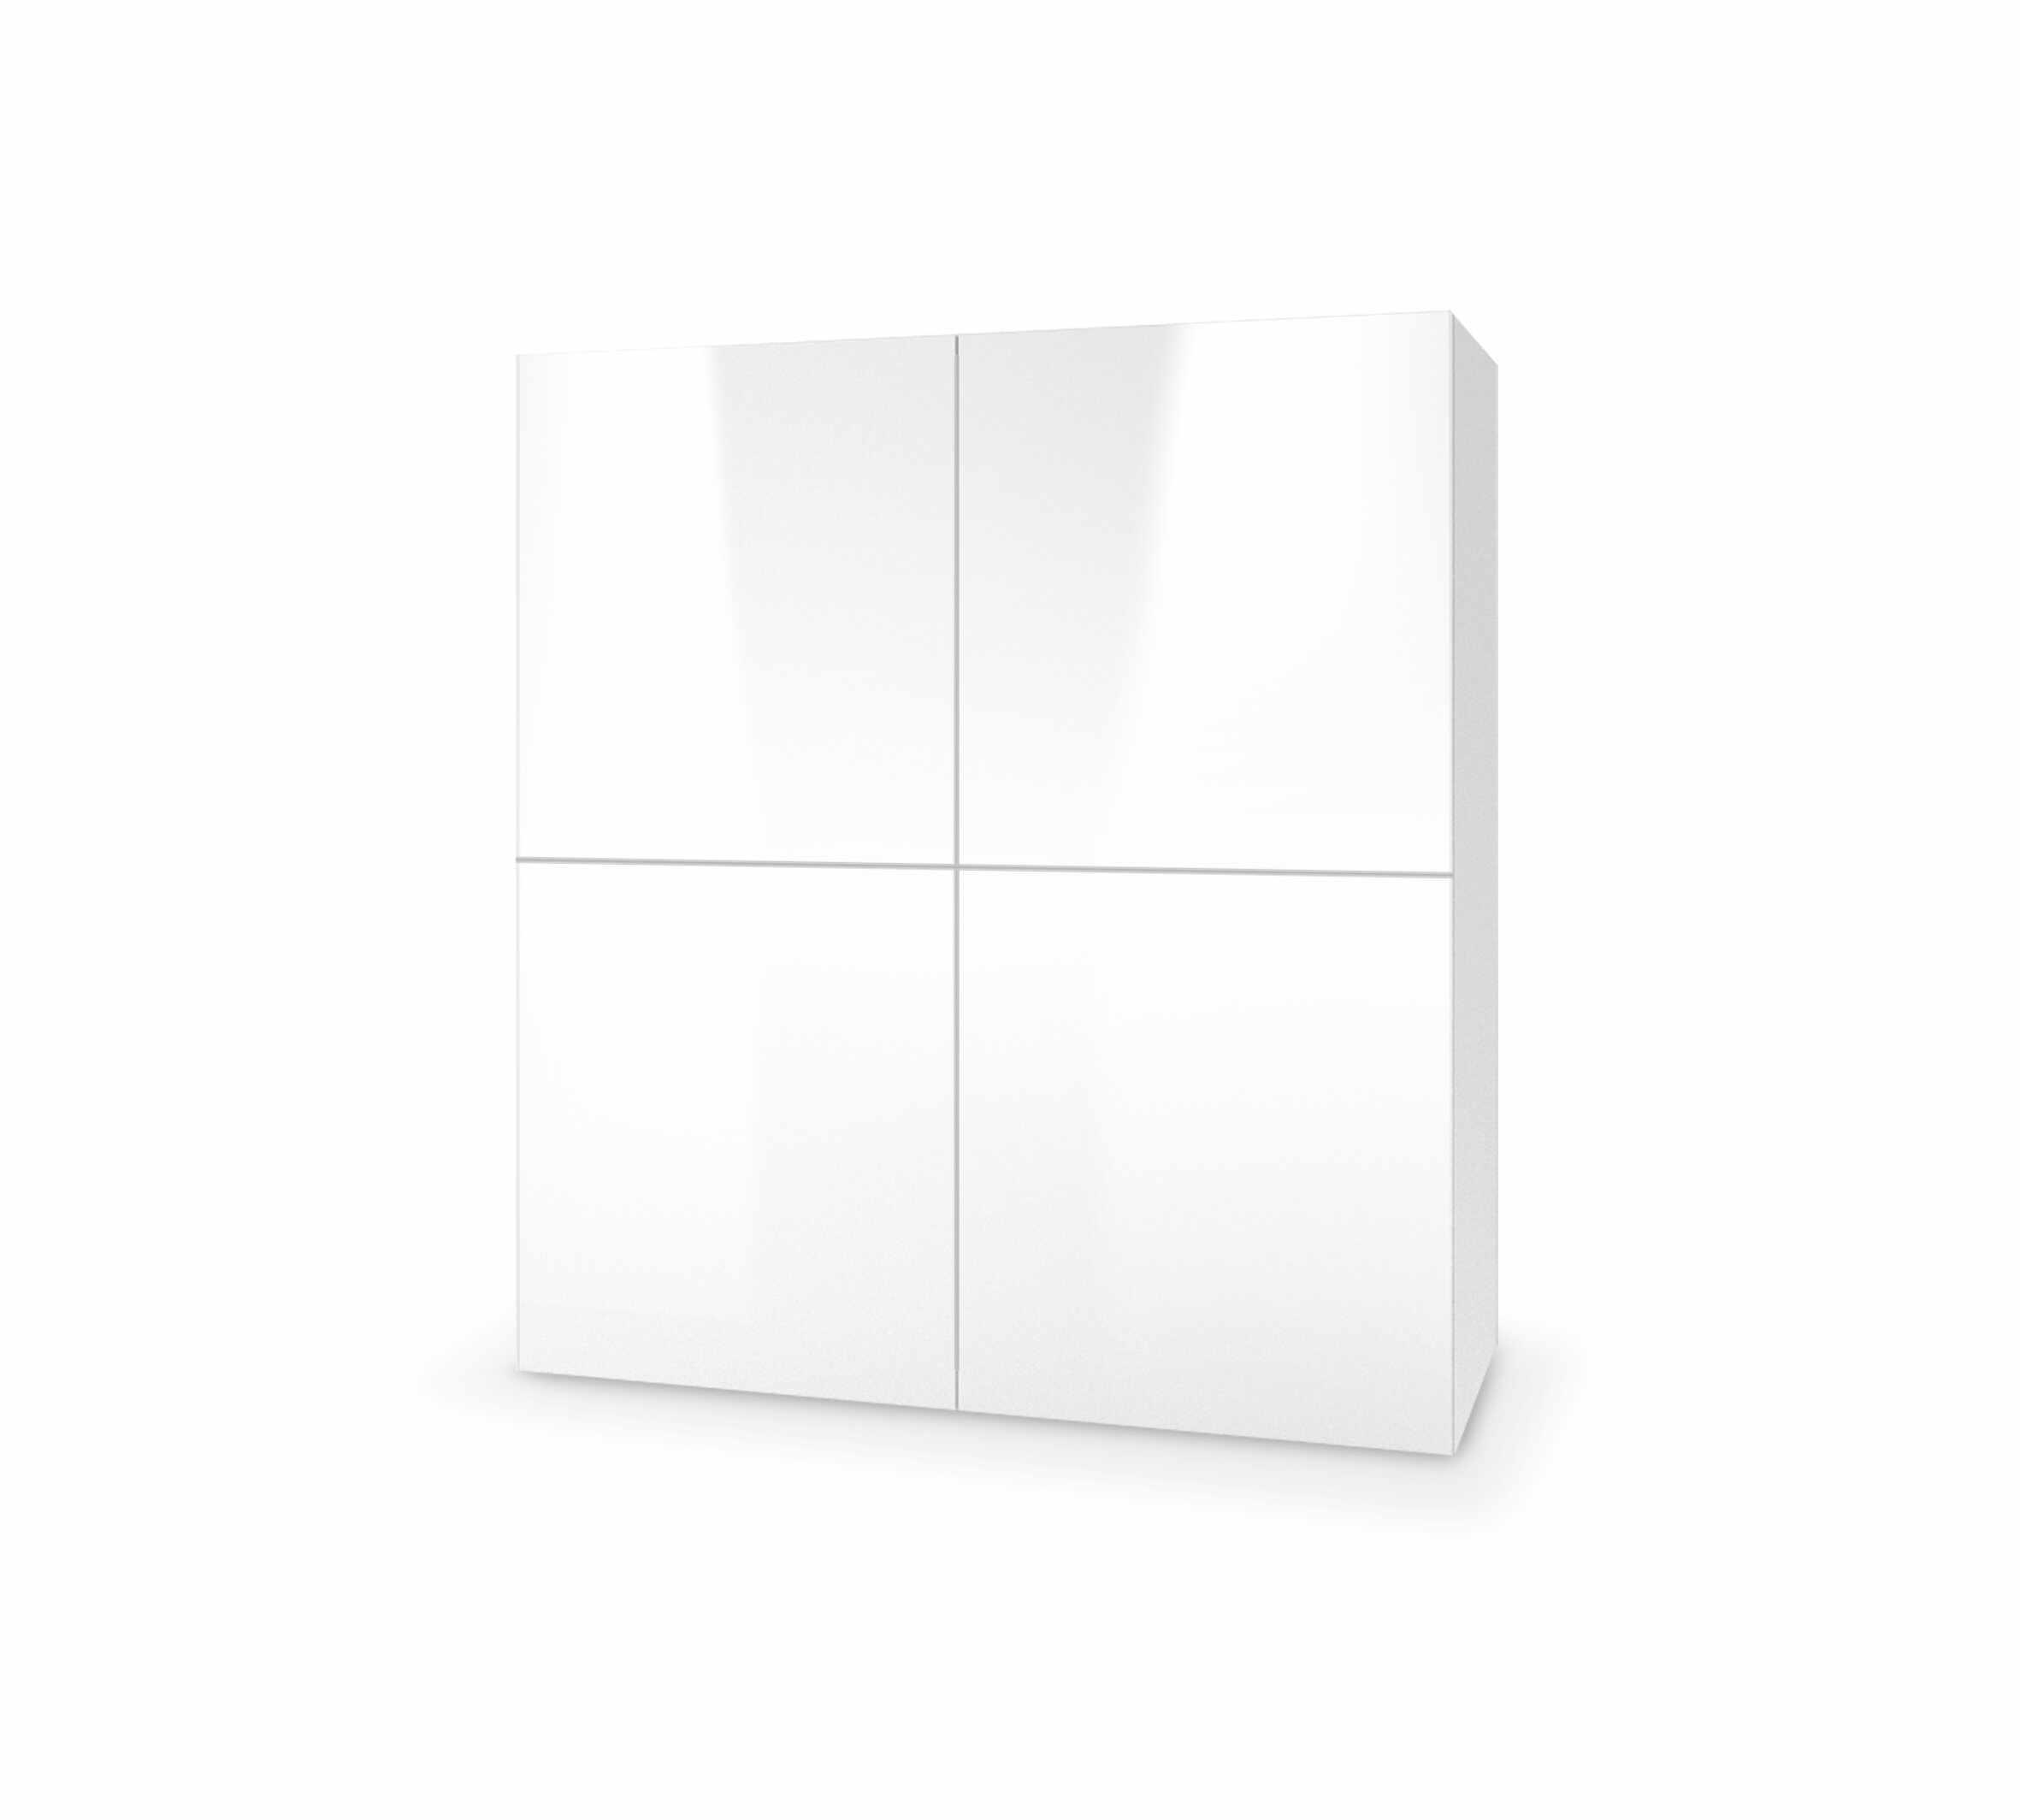 Dulap din MDF Livo KM-100 White, l100xA29xH100 cm la pret 655 lei